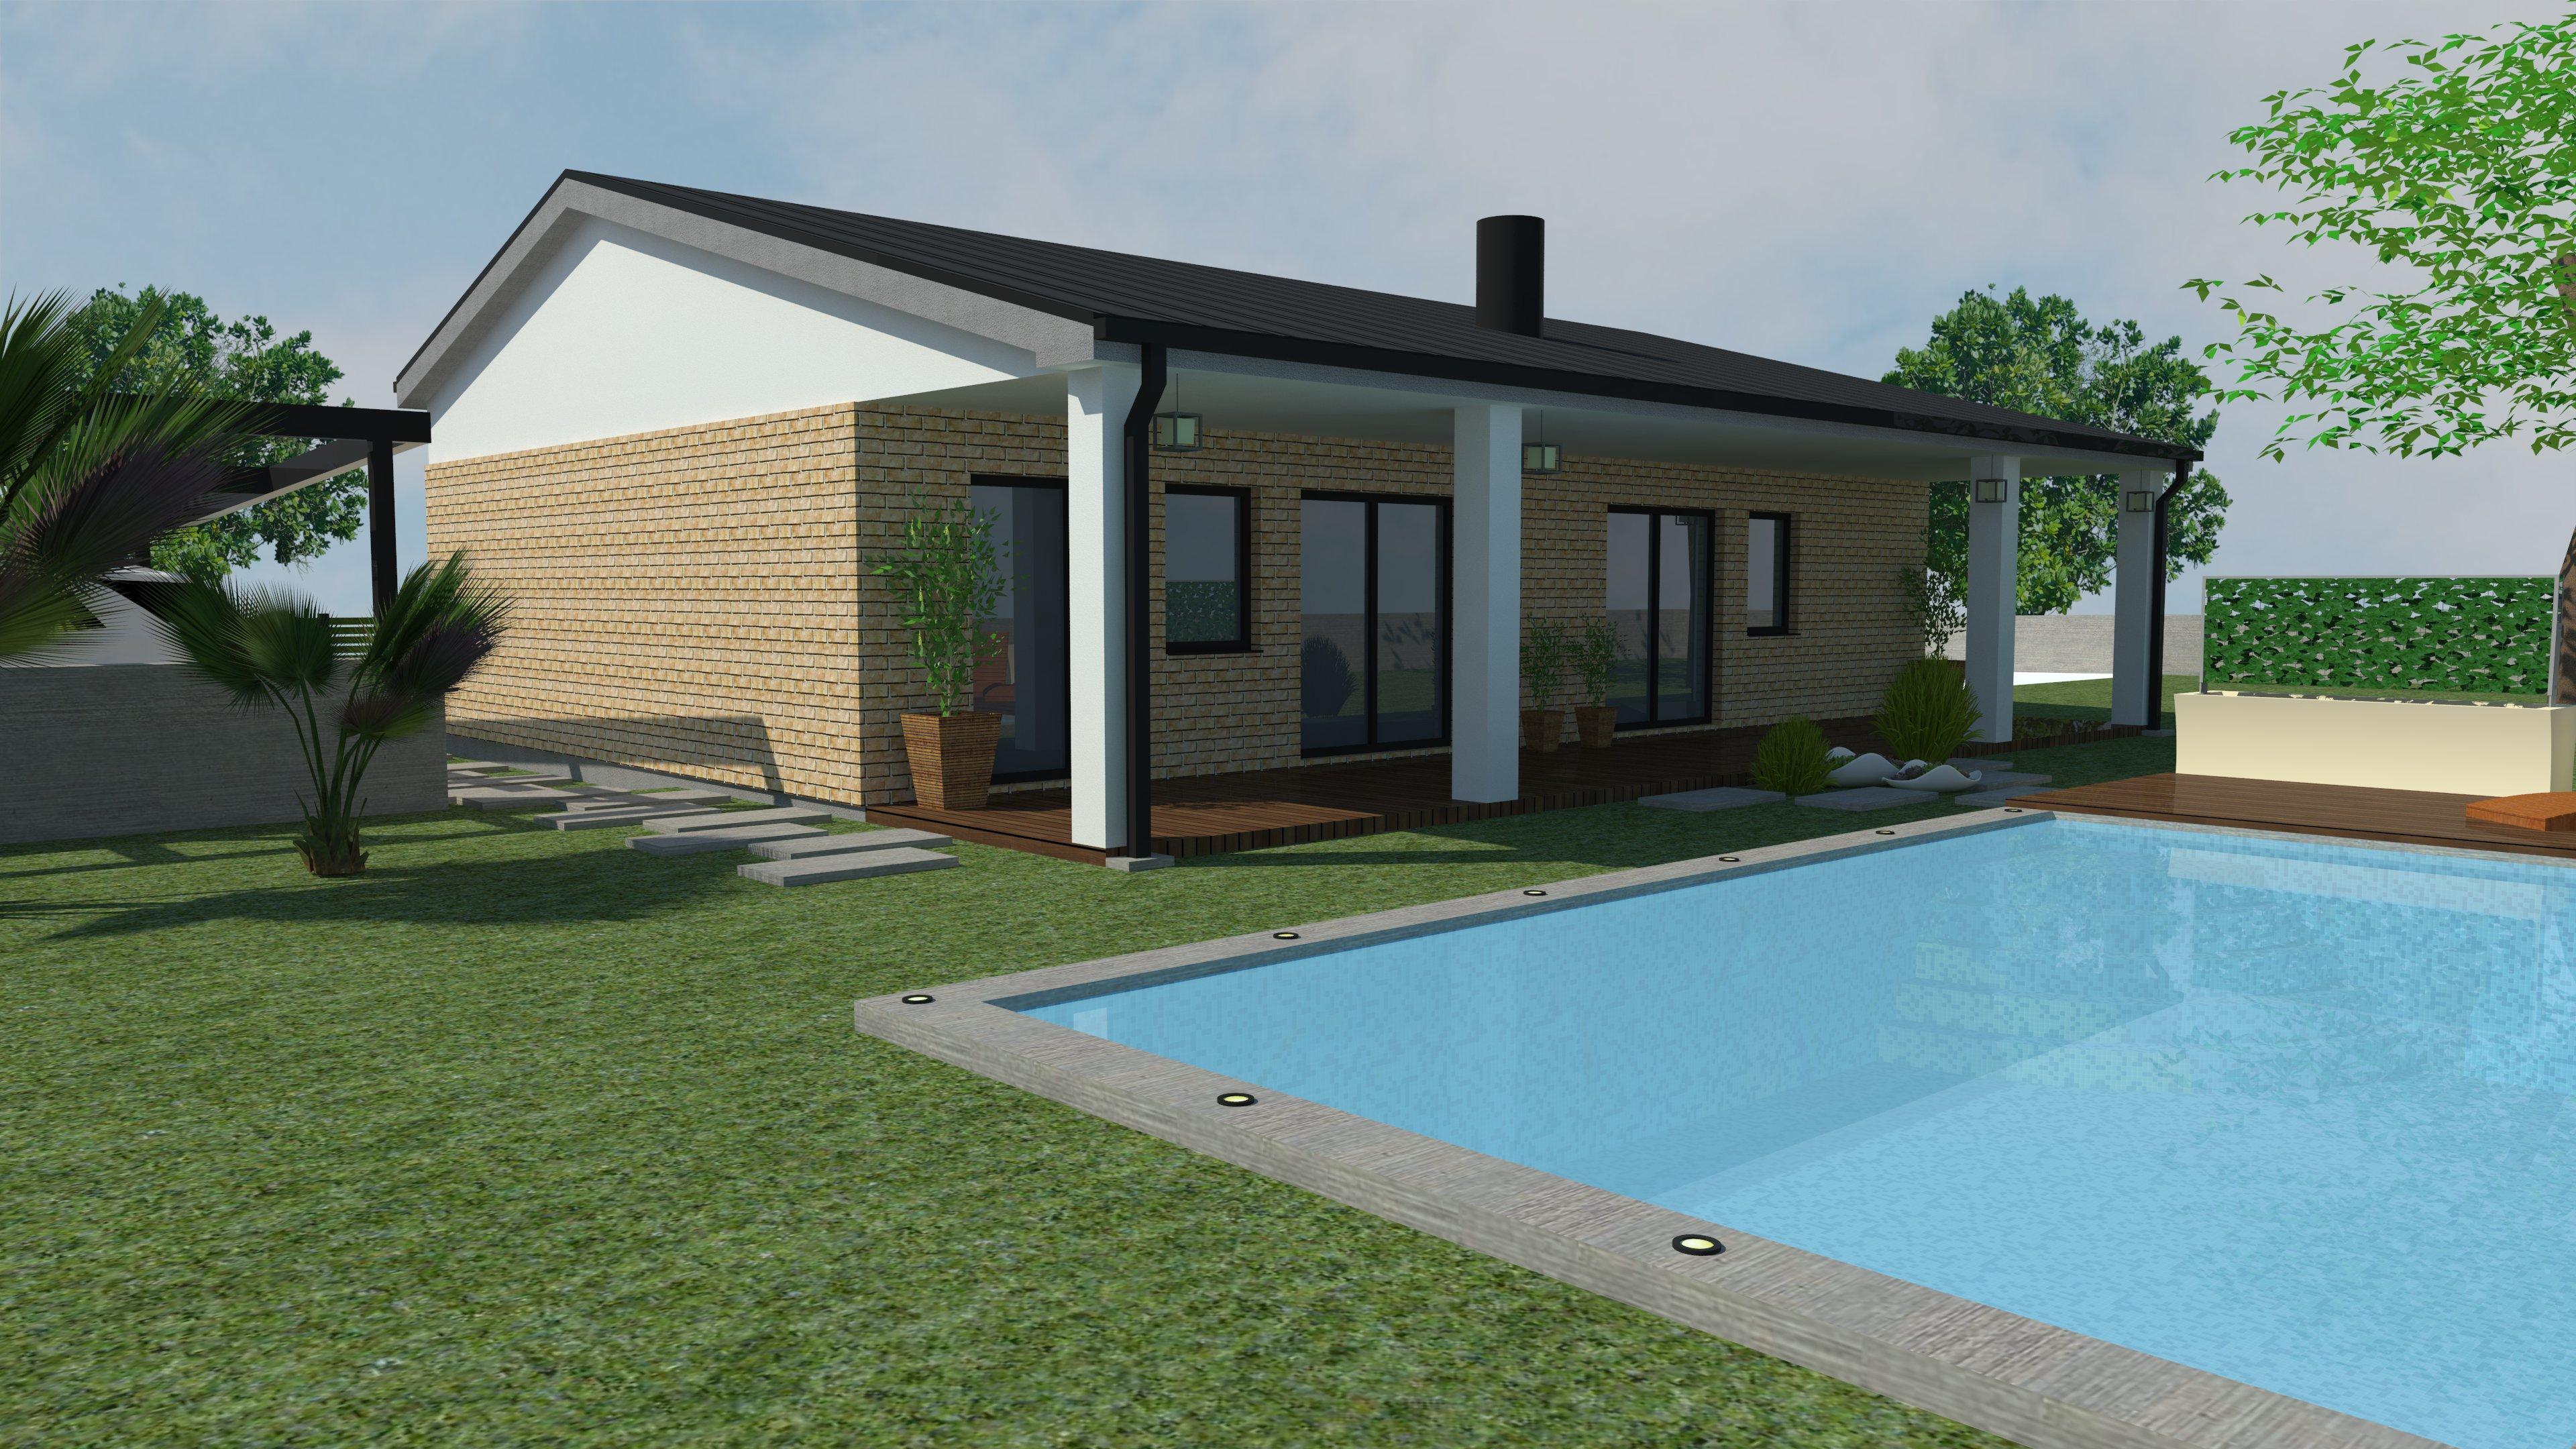 rodinný dom, kamenný obklad, dom s bazénom,